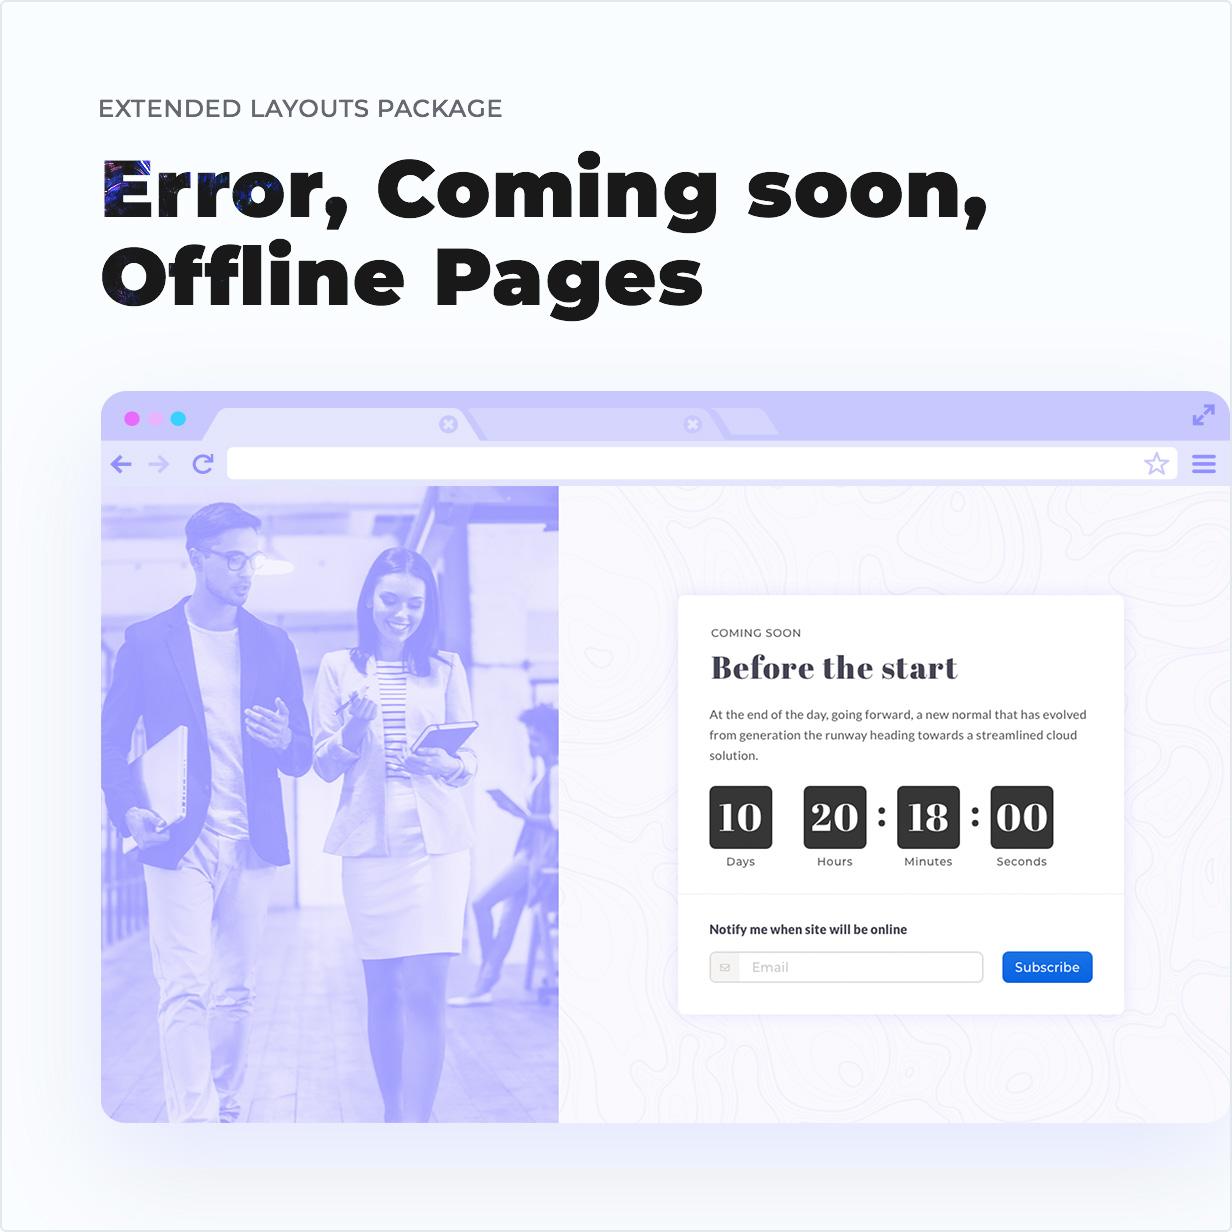 Coming Soon, Error, Offline Page